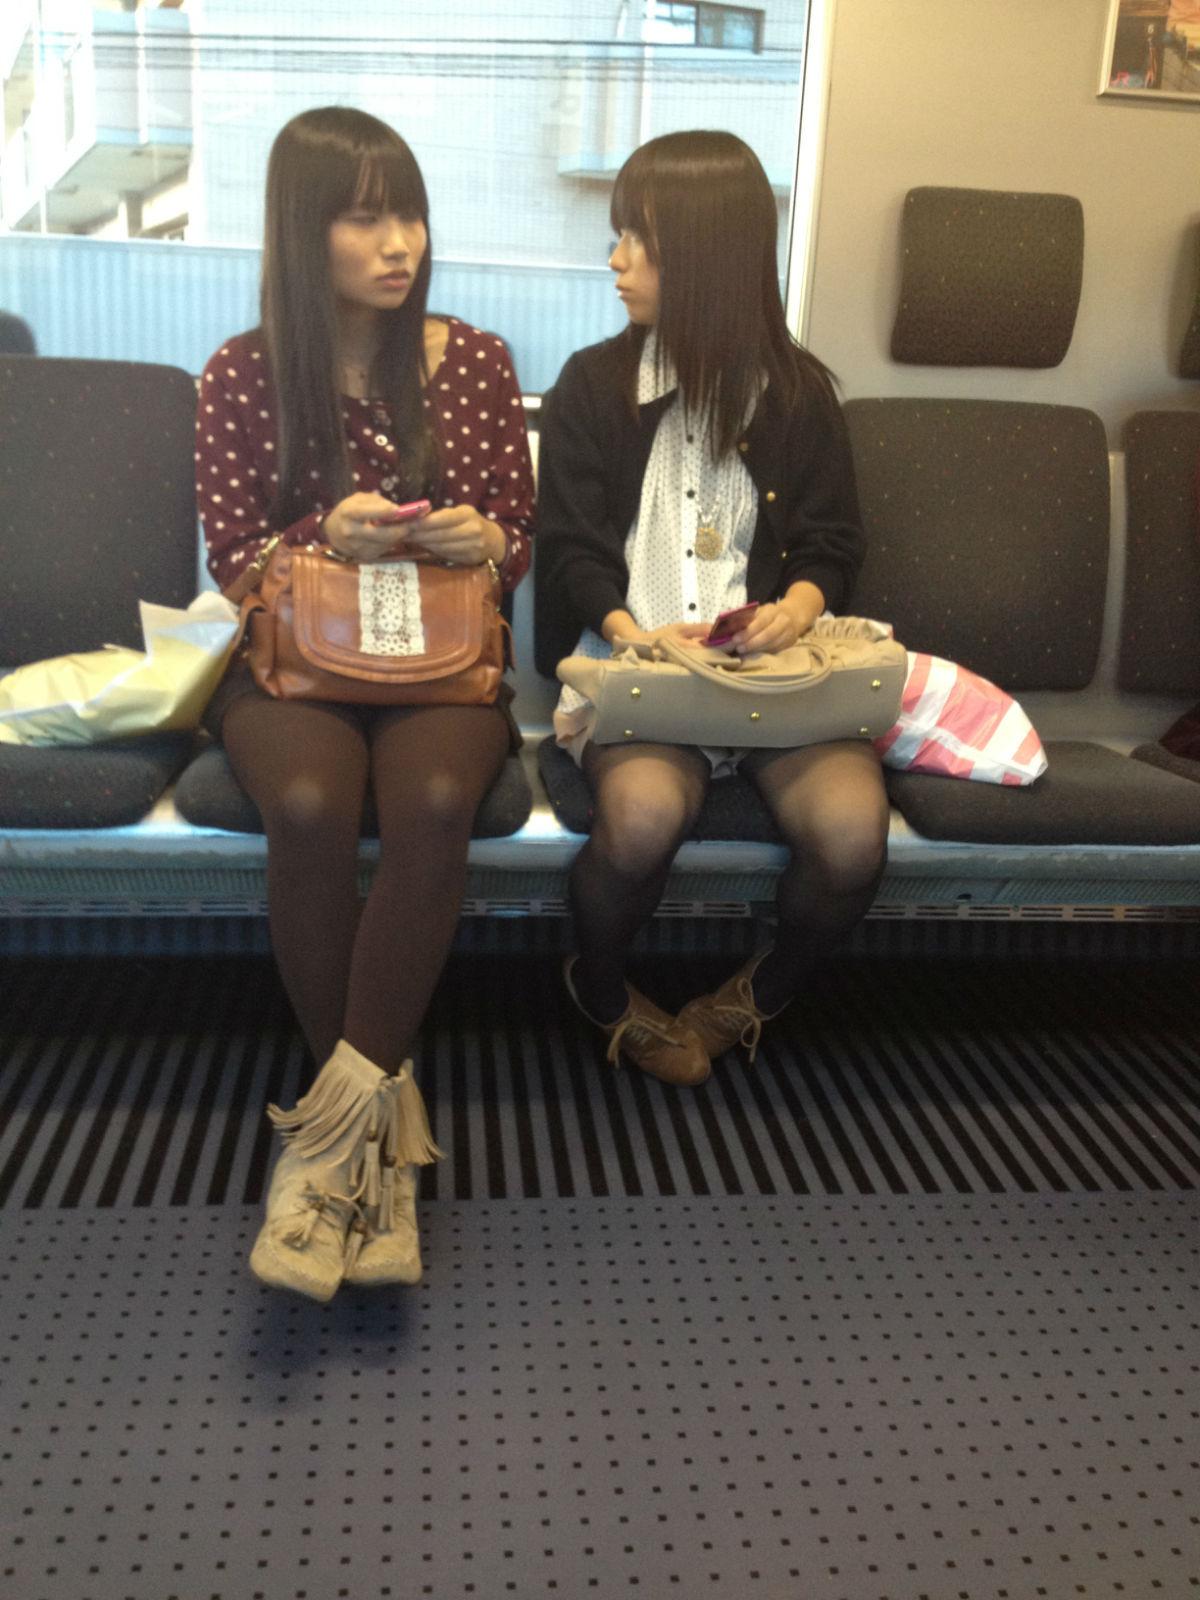 【小哀】电车上的腿美人更美